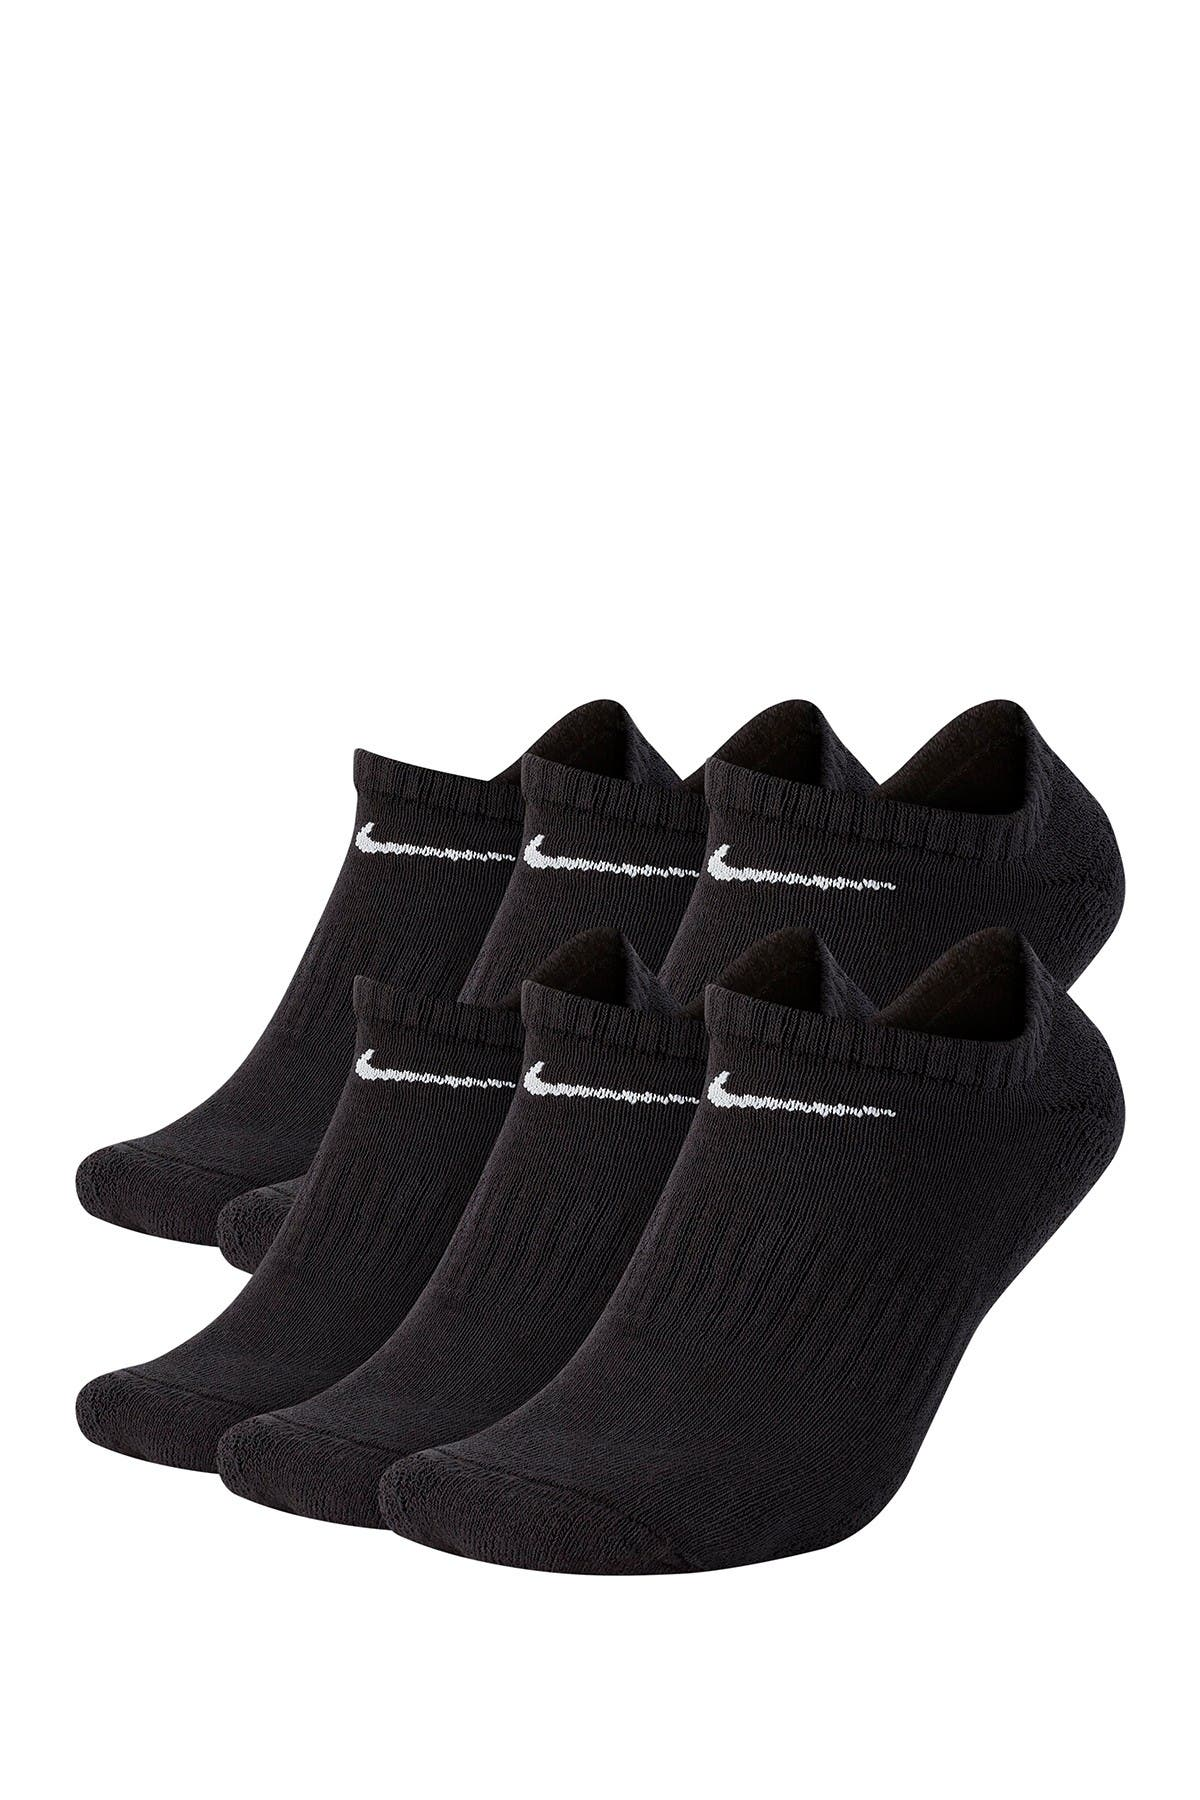 Image of Nike Everyday Cushion No-Show Socks - Set of 6